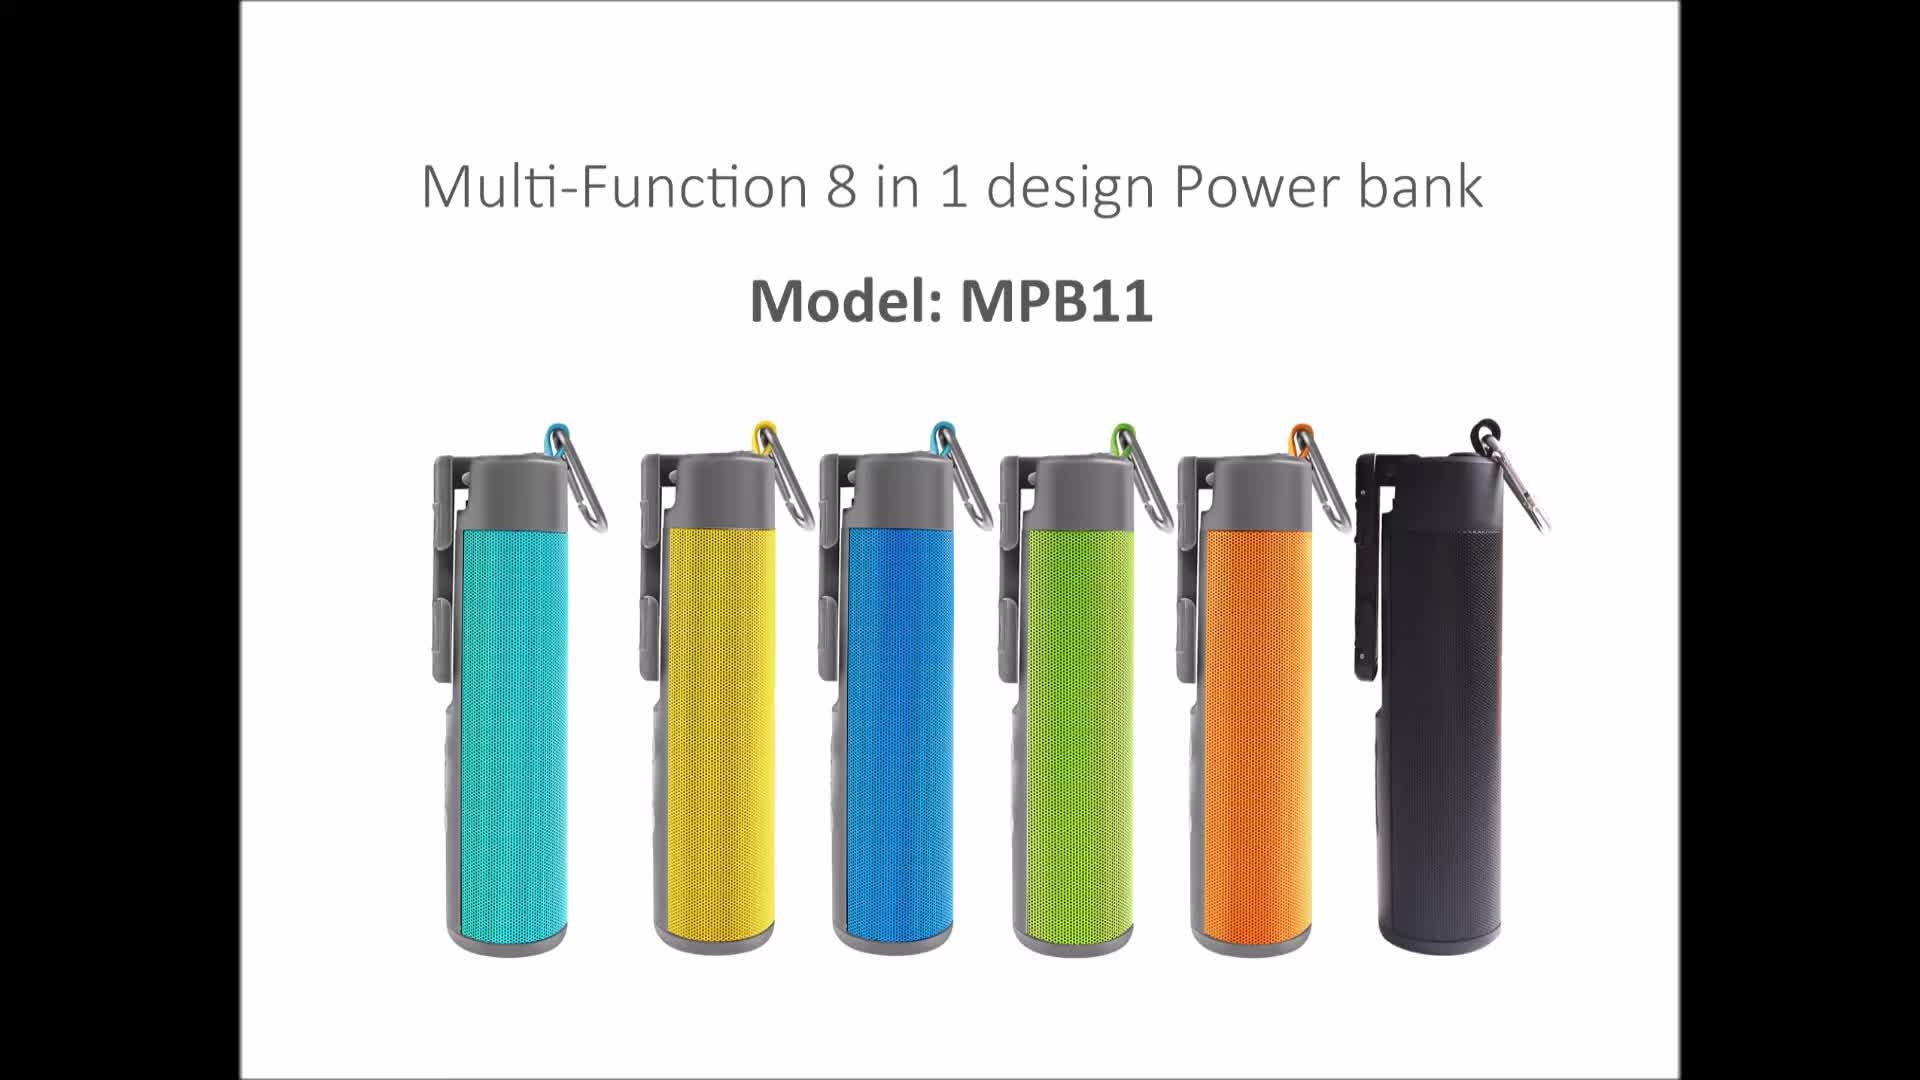 ใหม่ 8 ใน 1 หลายฟังก์ชั่นแบบพกพา Mini อัตโนมัติ Universal แฮนด์ฟรี Selfie Stick Power bank ลำโพงบลูทูธ